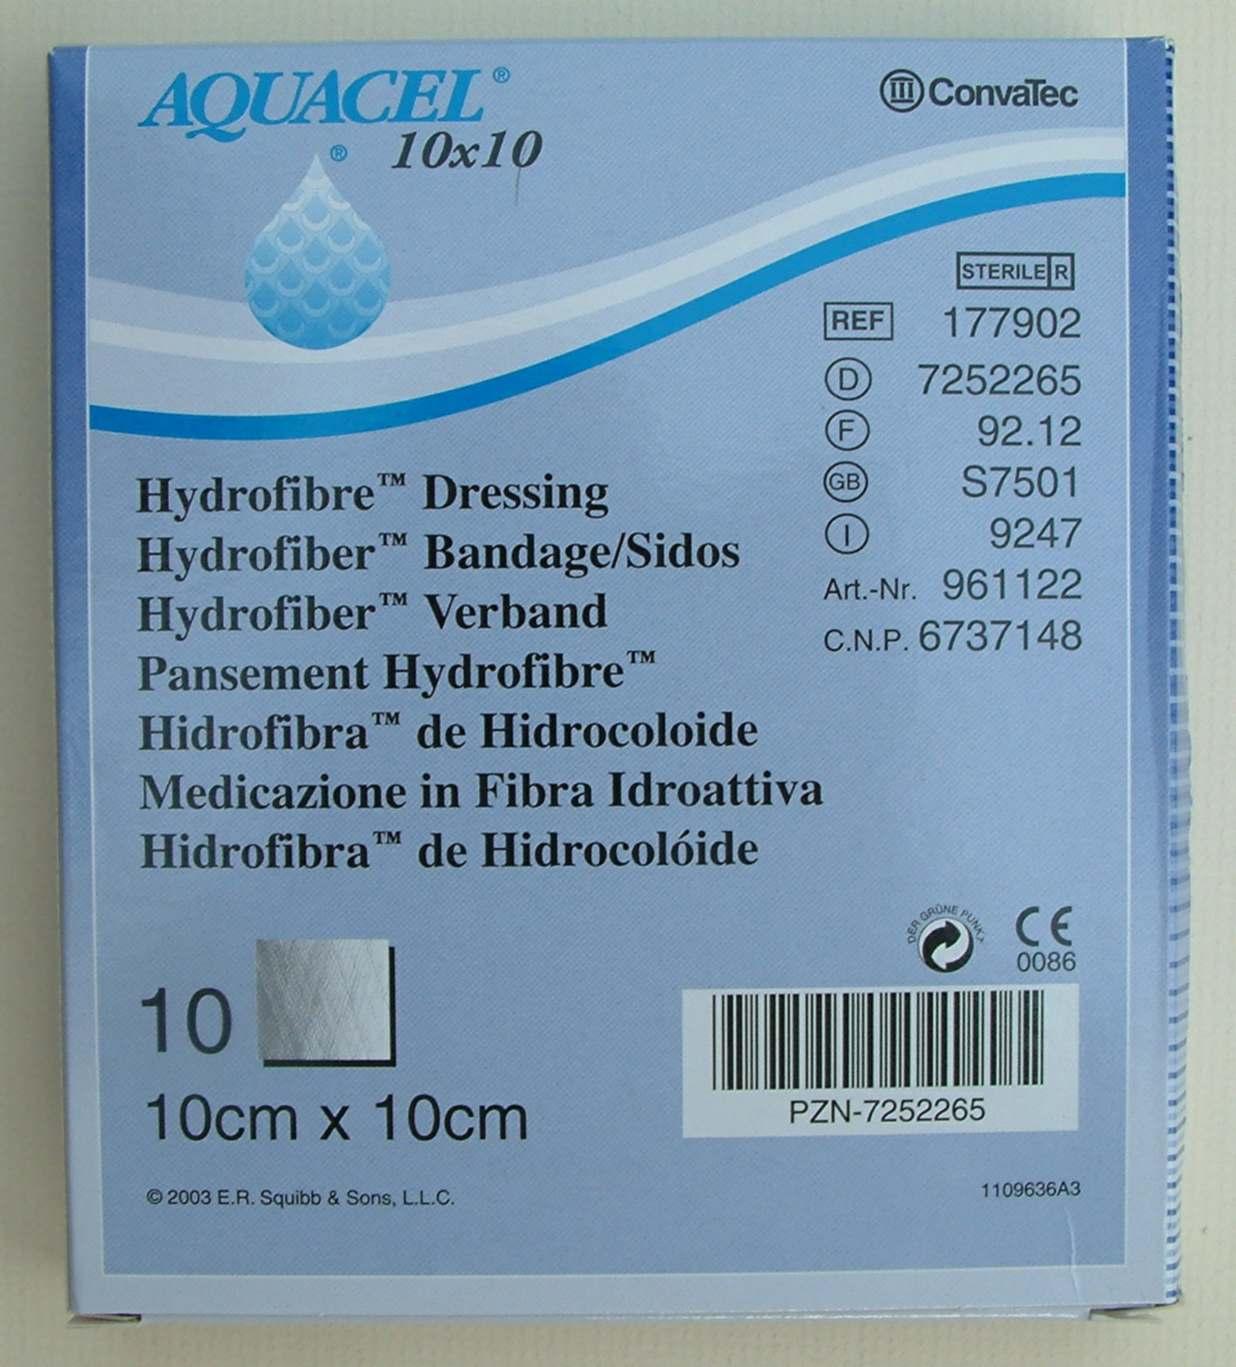 Aquacel Dressings Datacard